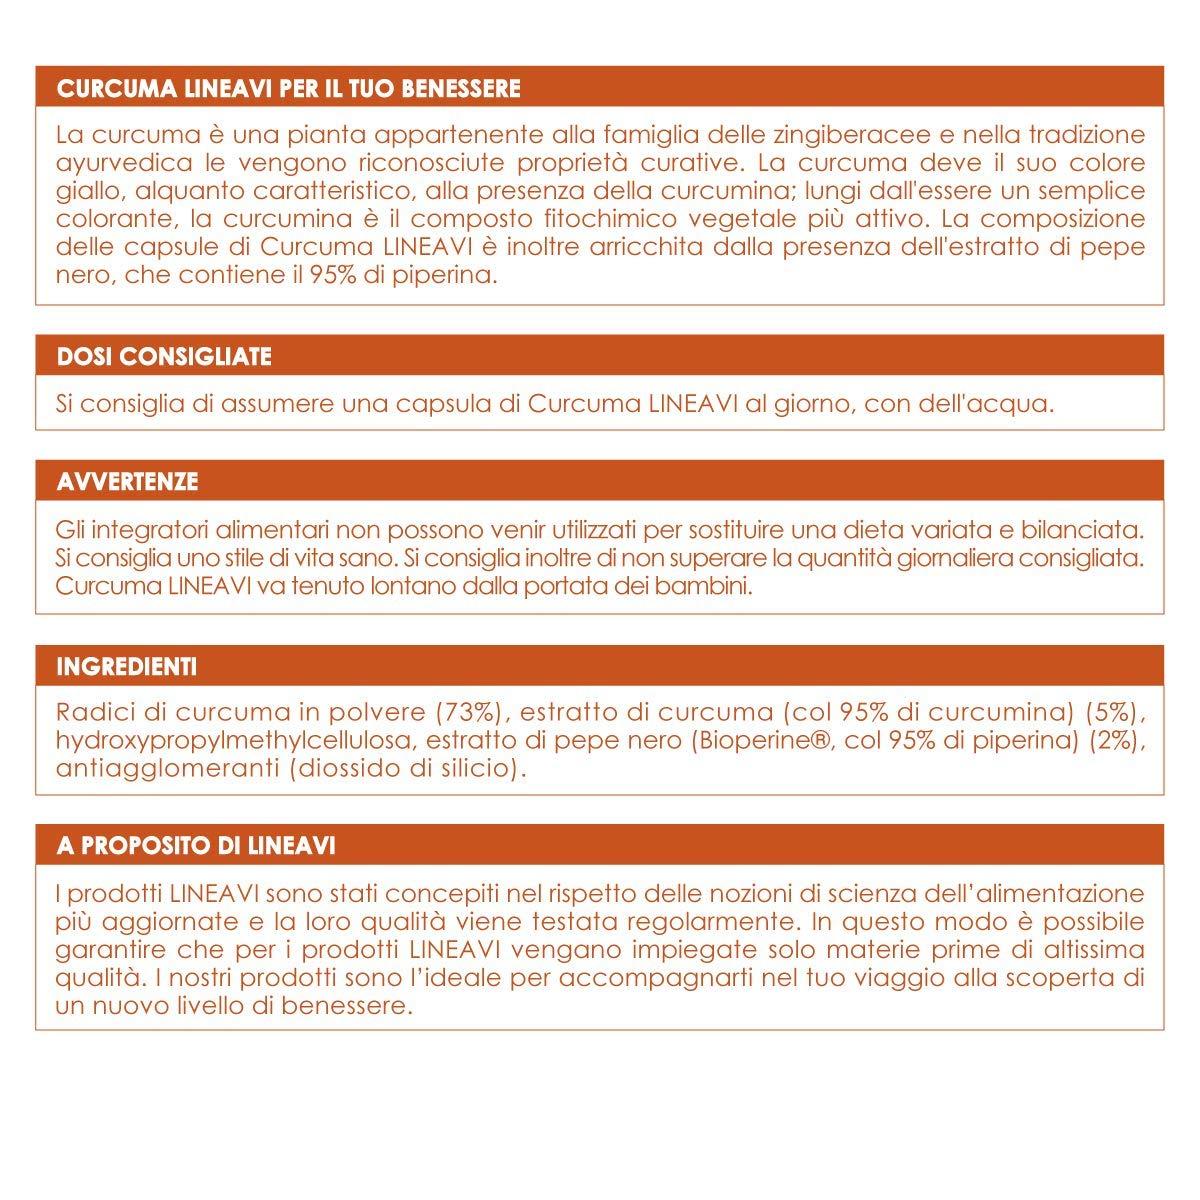 informazioni sulle pillole dimagranti piperinal